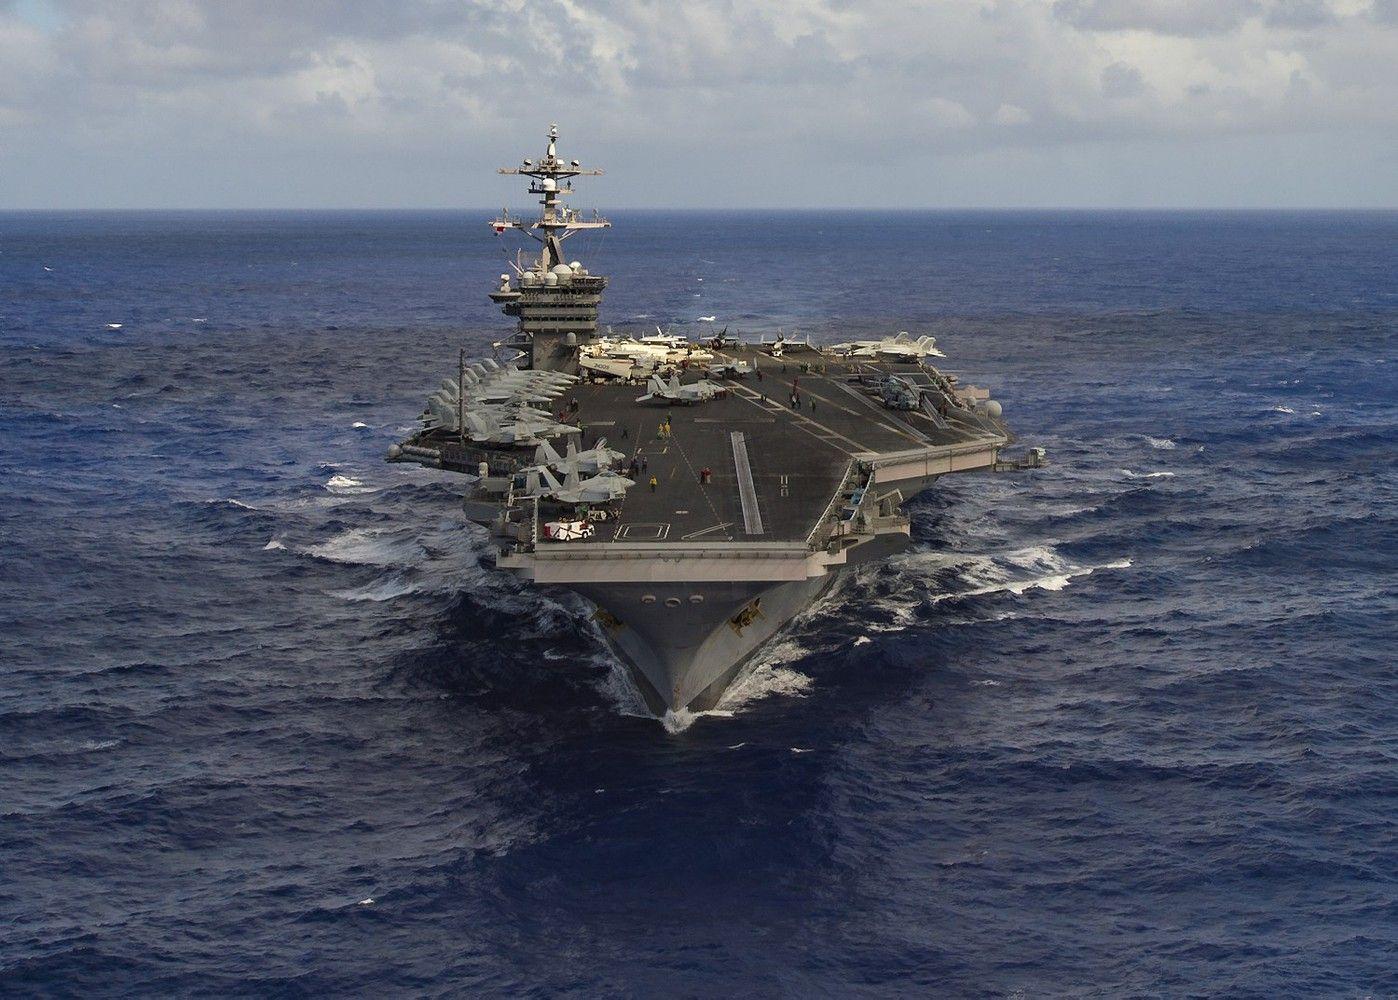 Į Korėjos pusiasalį JAV siunčia karo laivus